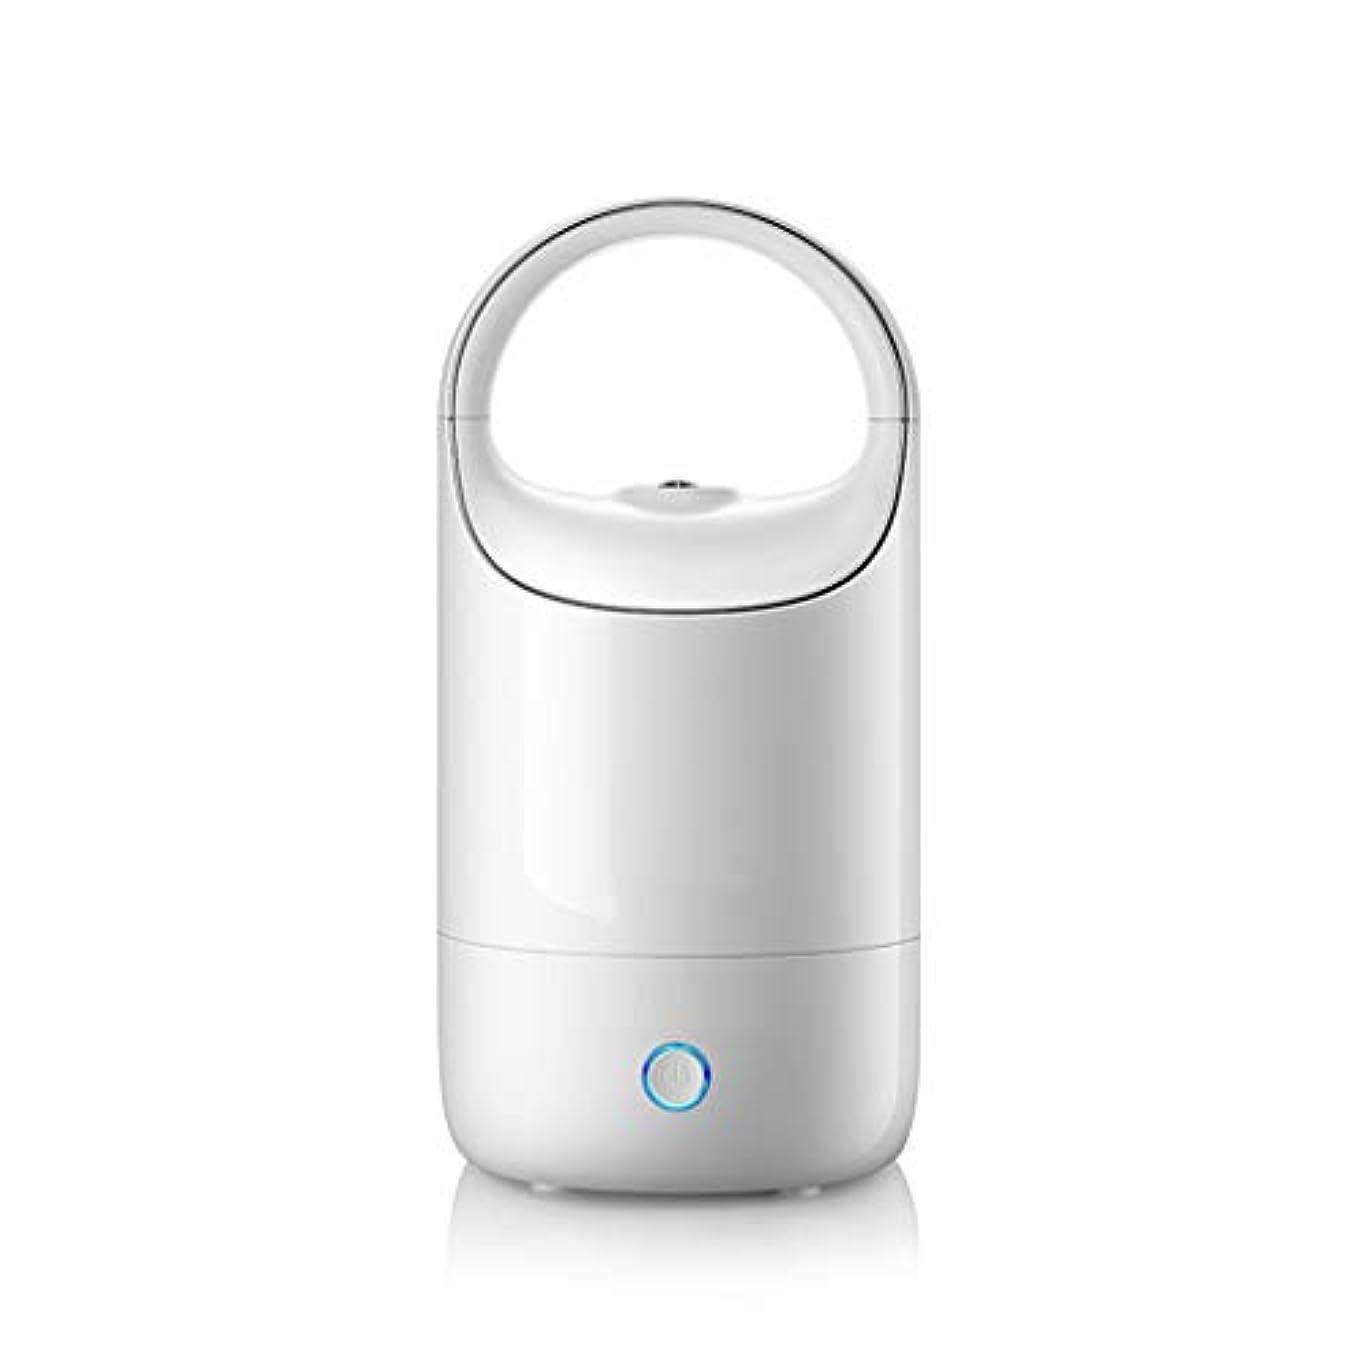 引き渡す目に見えるハイキング空気加湿器ホームサイレント寝室妊婦赤ちゃん空気霧大容量ディフューザー (Color : White)